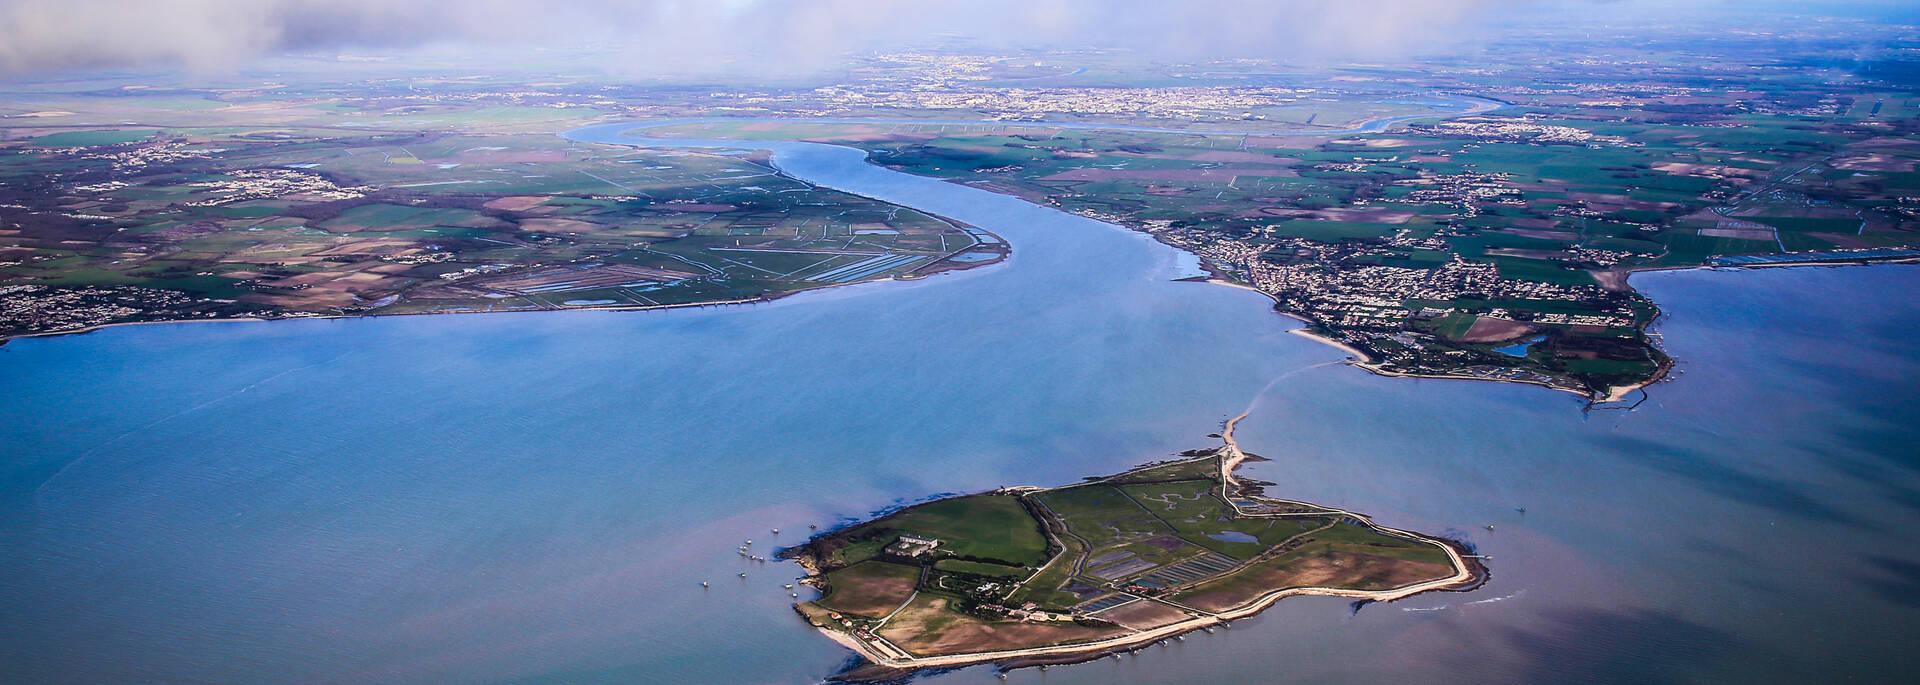 Vue aérienne de l'île Madame - © Vols de Max